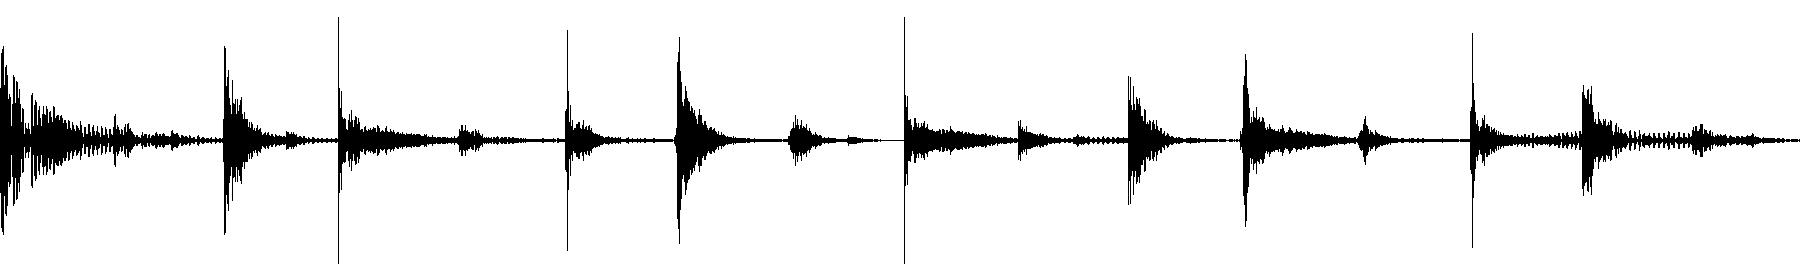 blbc electrodrums fx 130 04